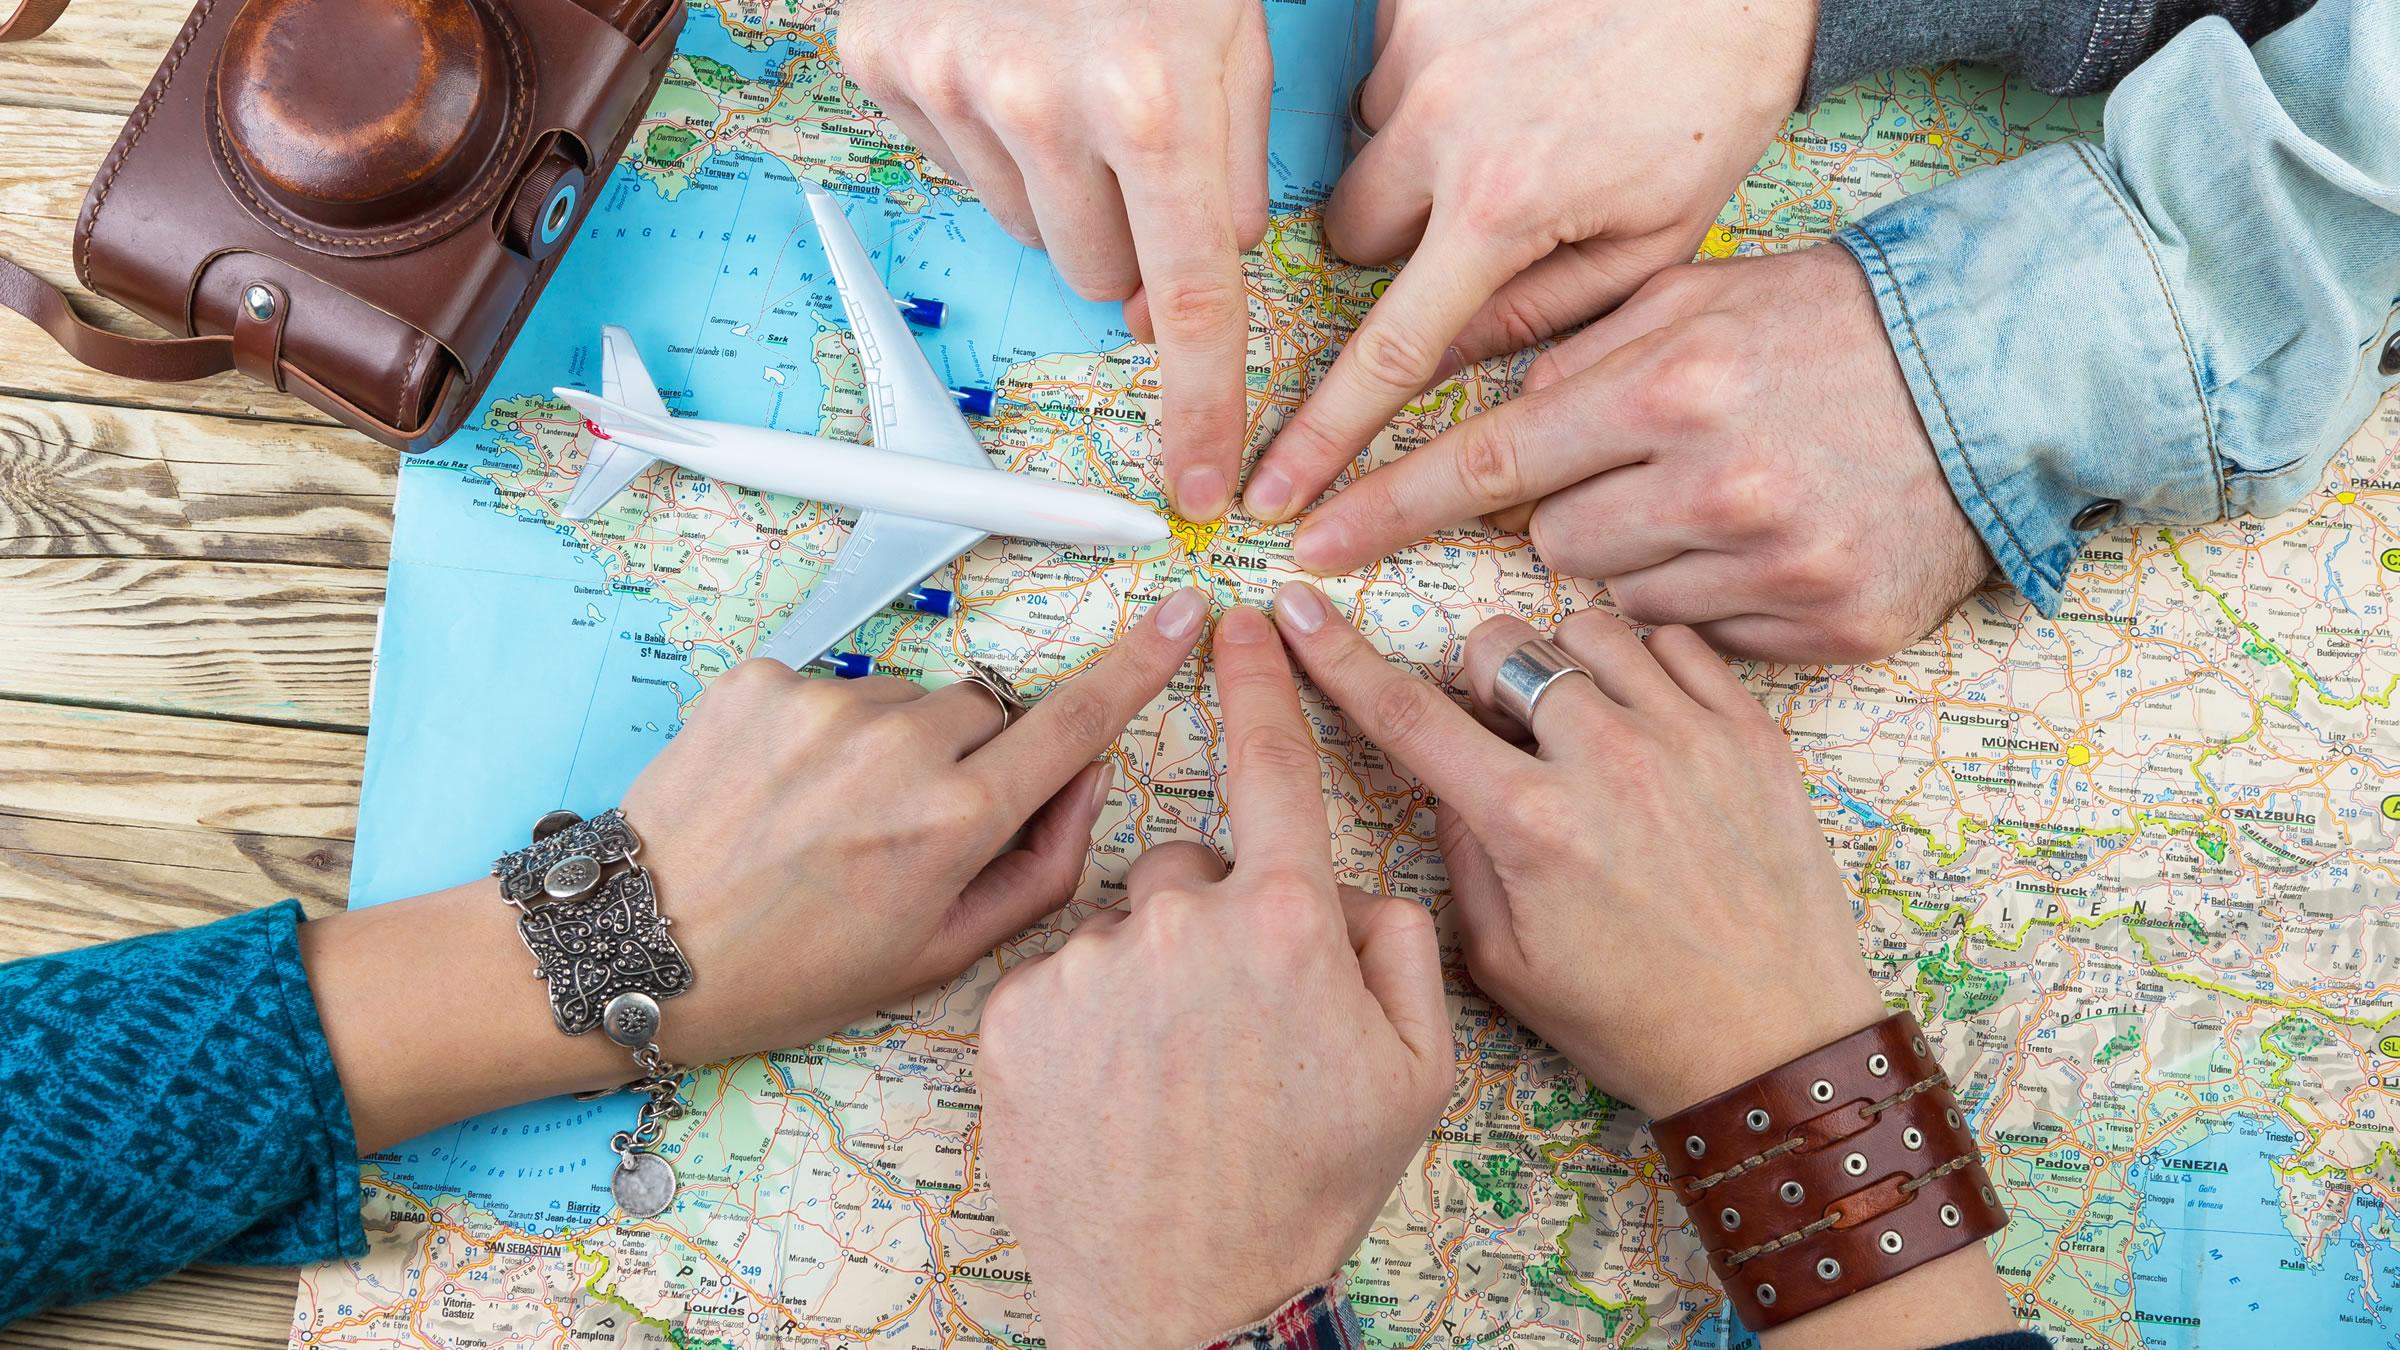 5 Alasan Traveling Bersama Teman Lebih Seru dan Menyenangkan Dibanding Sendirian 4